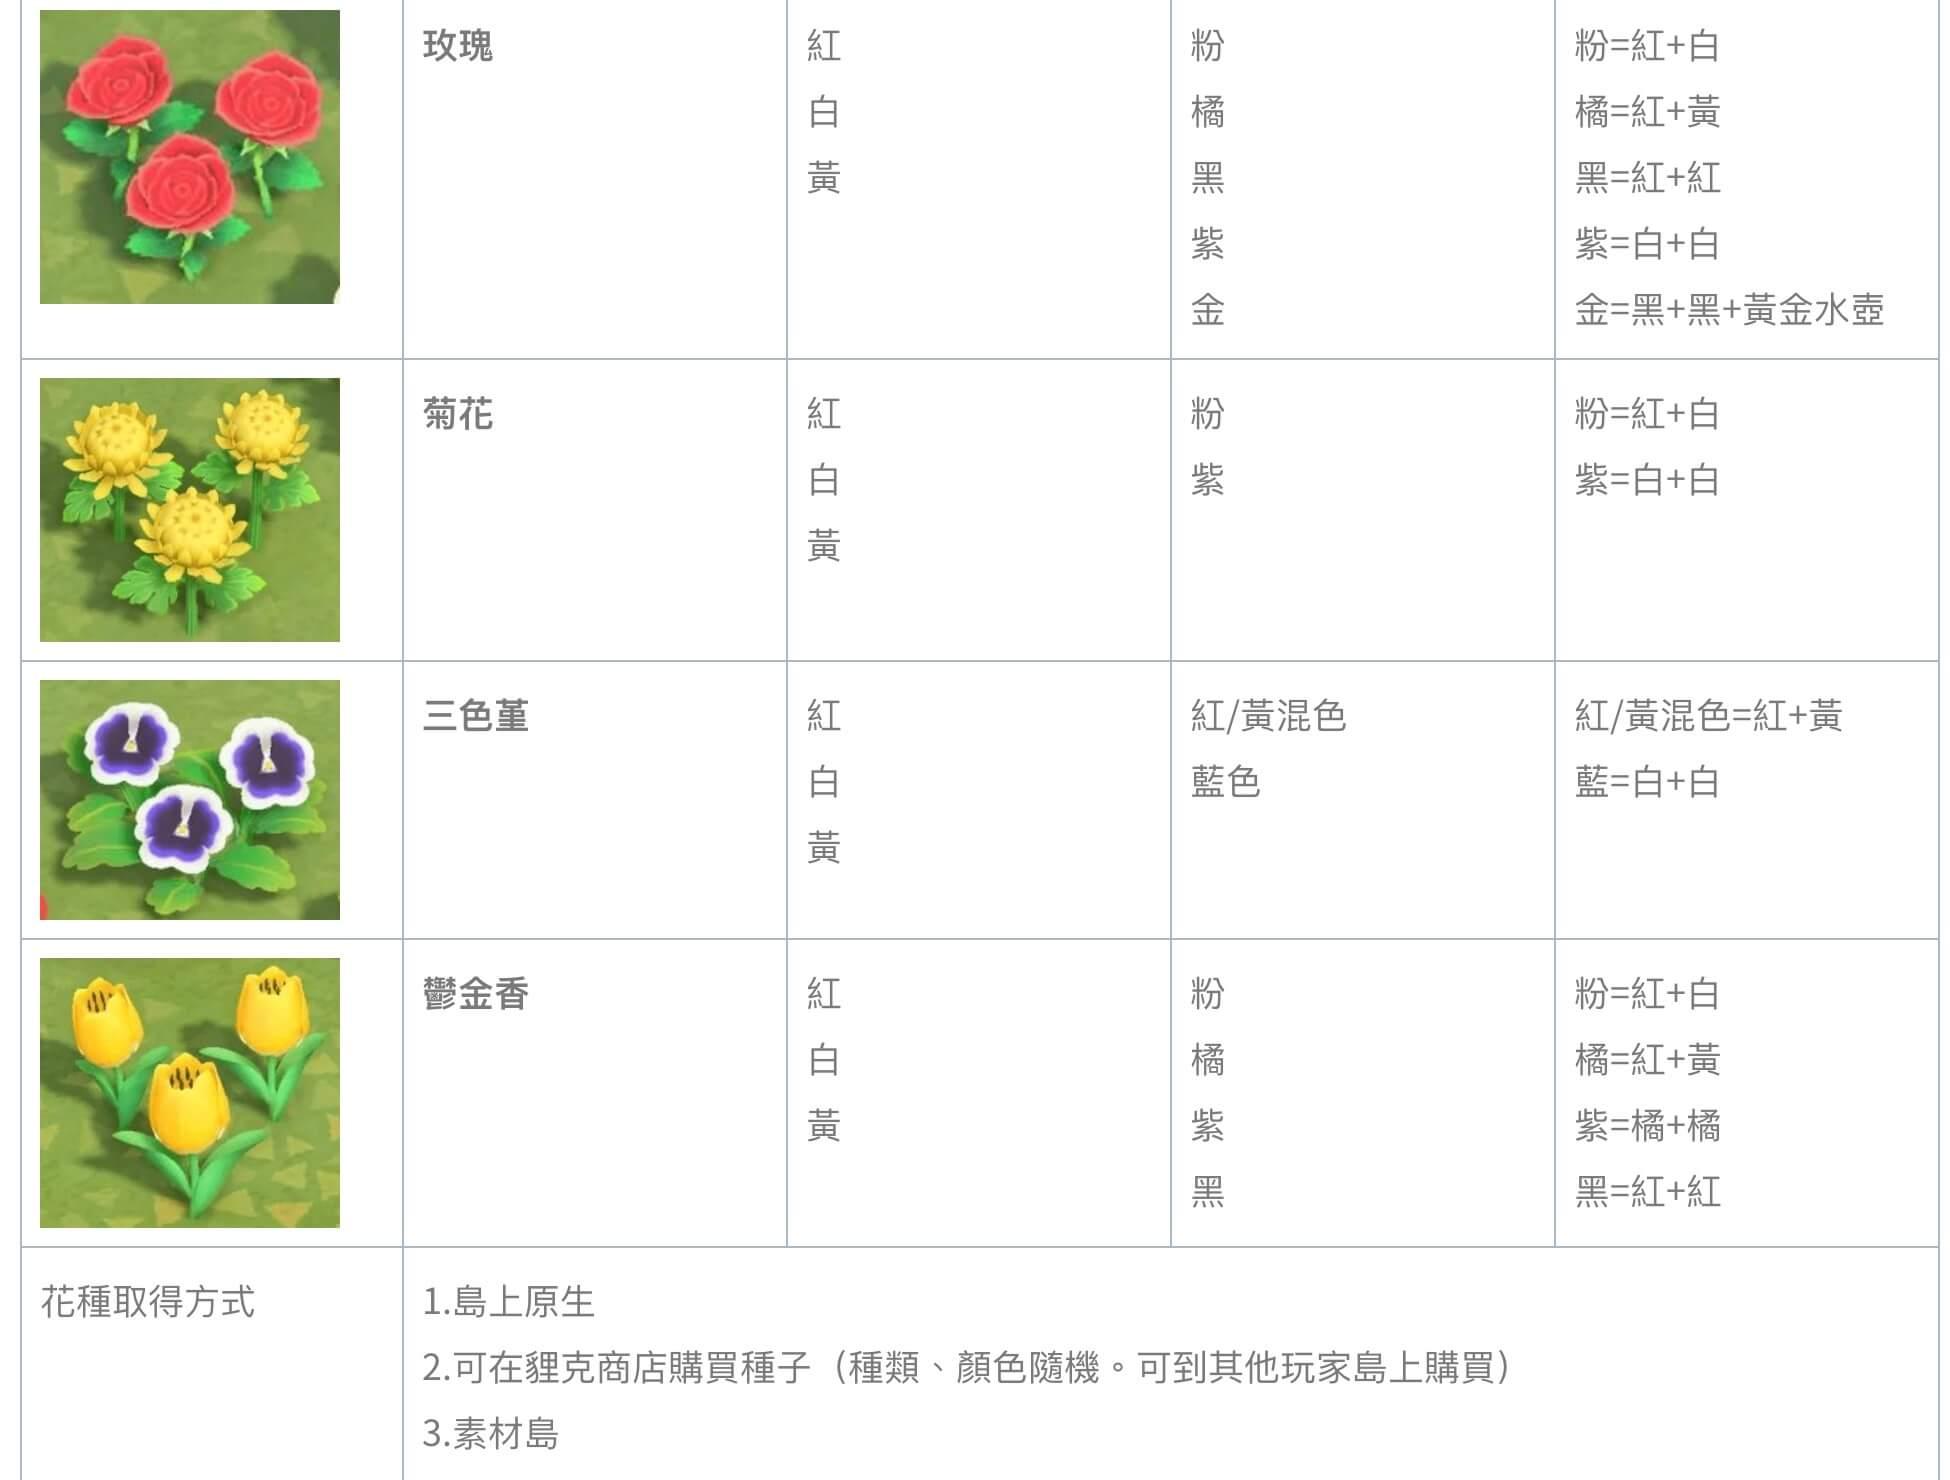 攻略 / 《动物森友会》该如何种花?「特殊花色培育法」大公开插图3